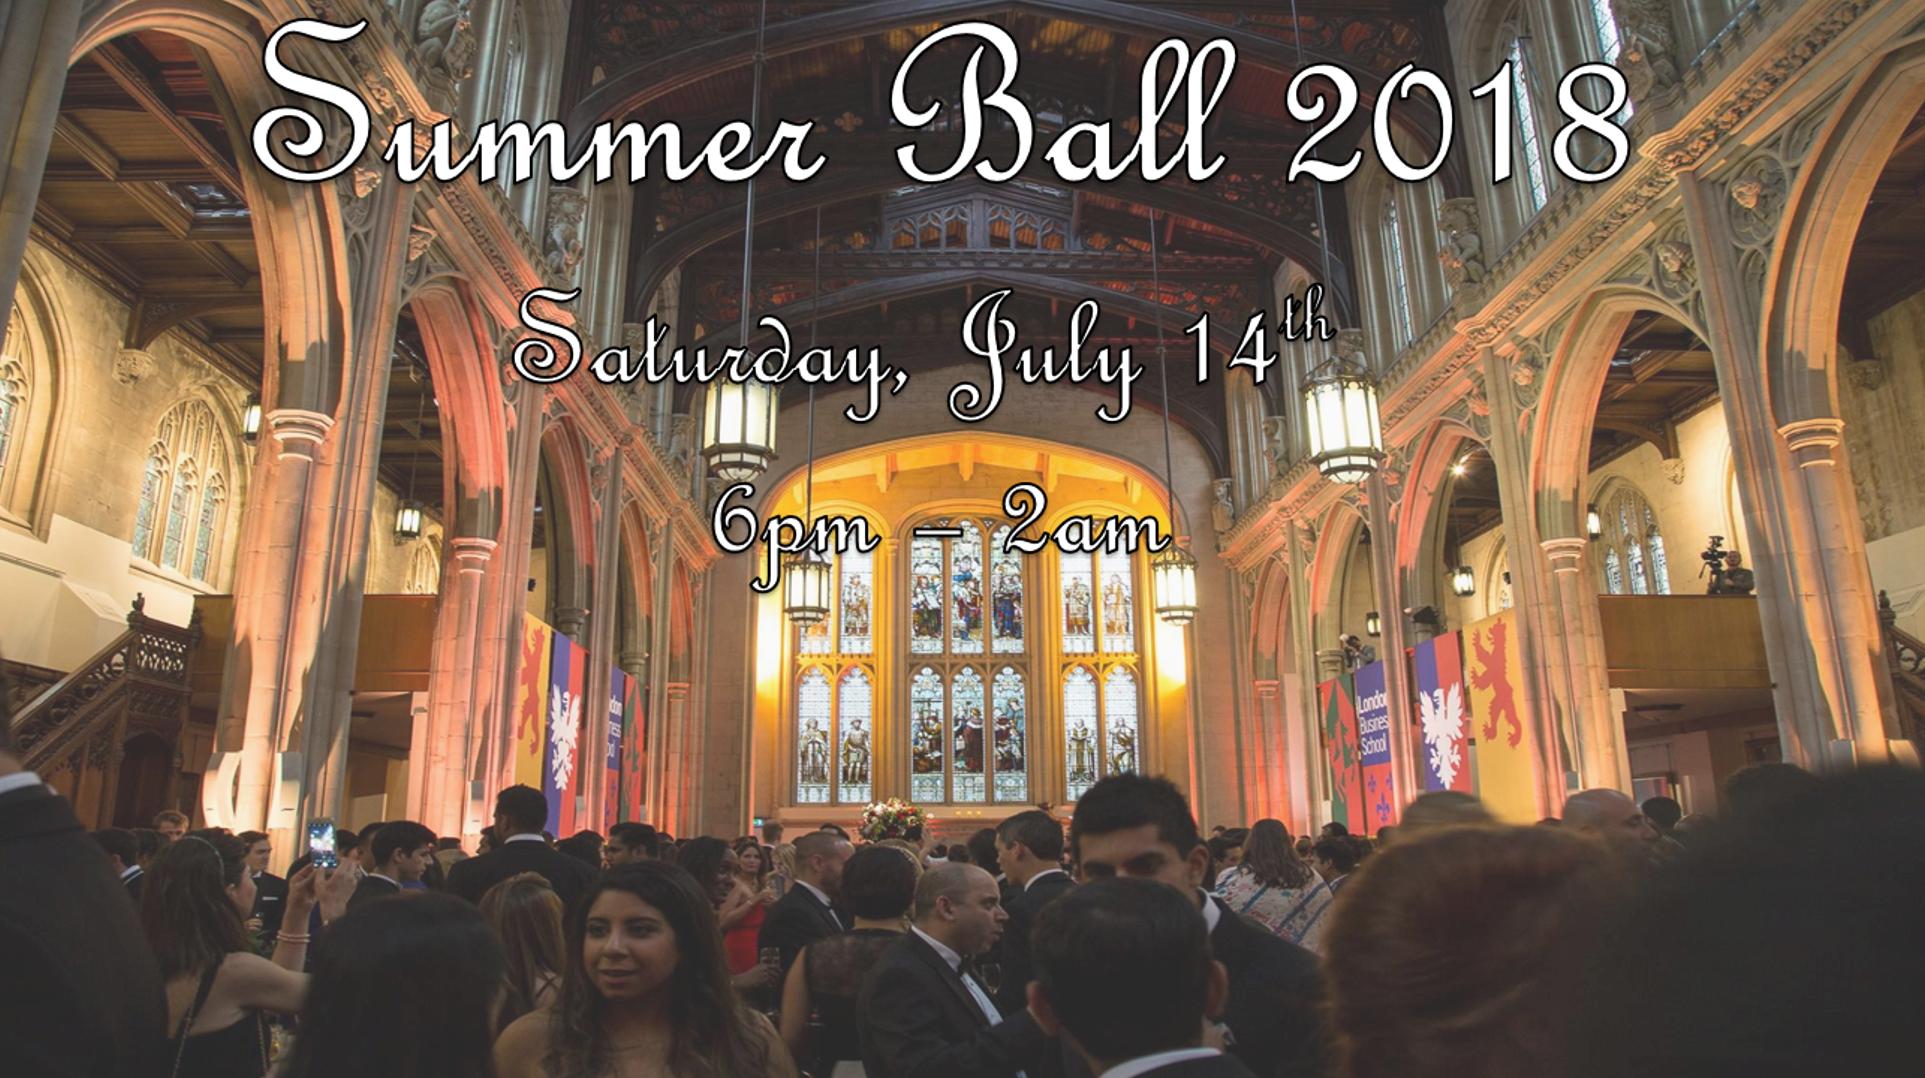 Summer Ball 2018